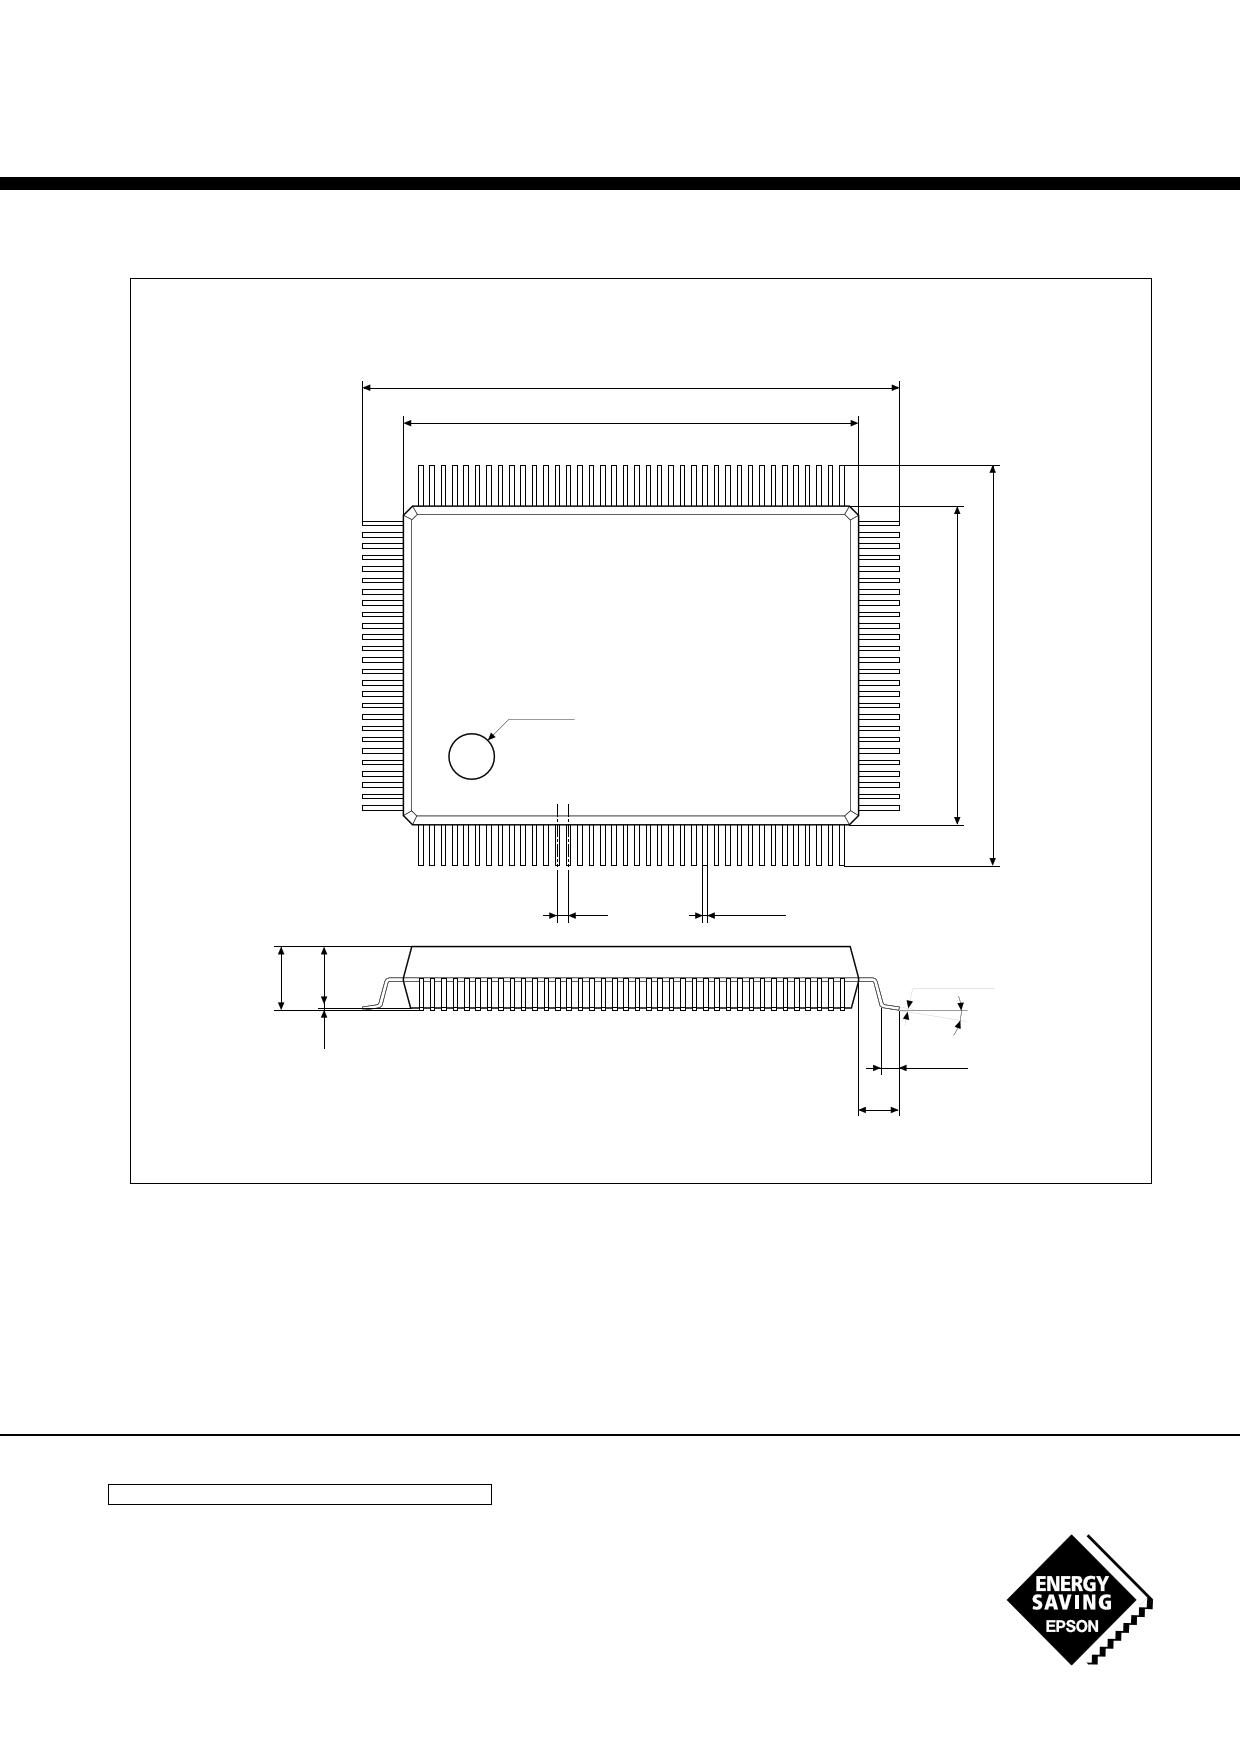 E0C624A 전자부품, 판매, 대치품